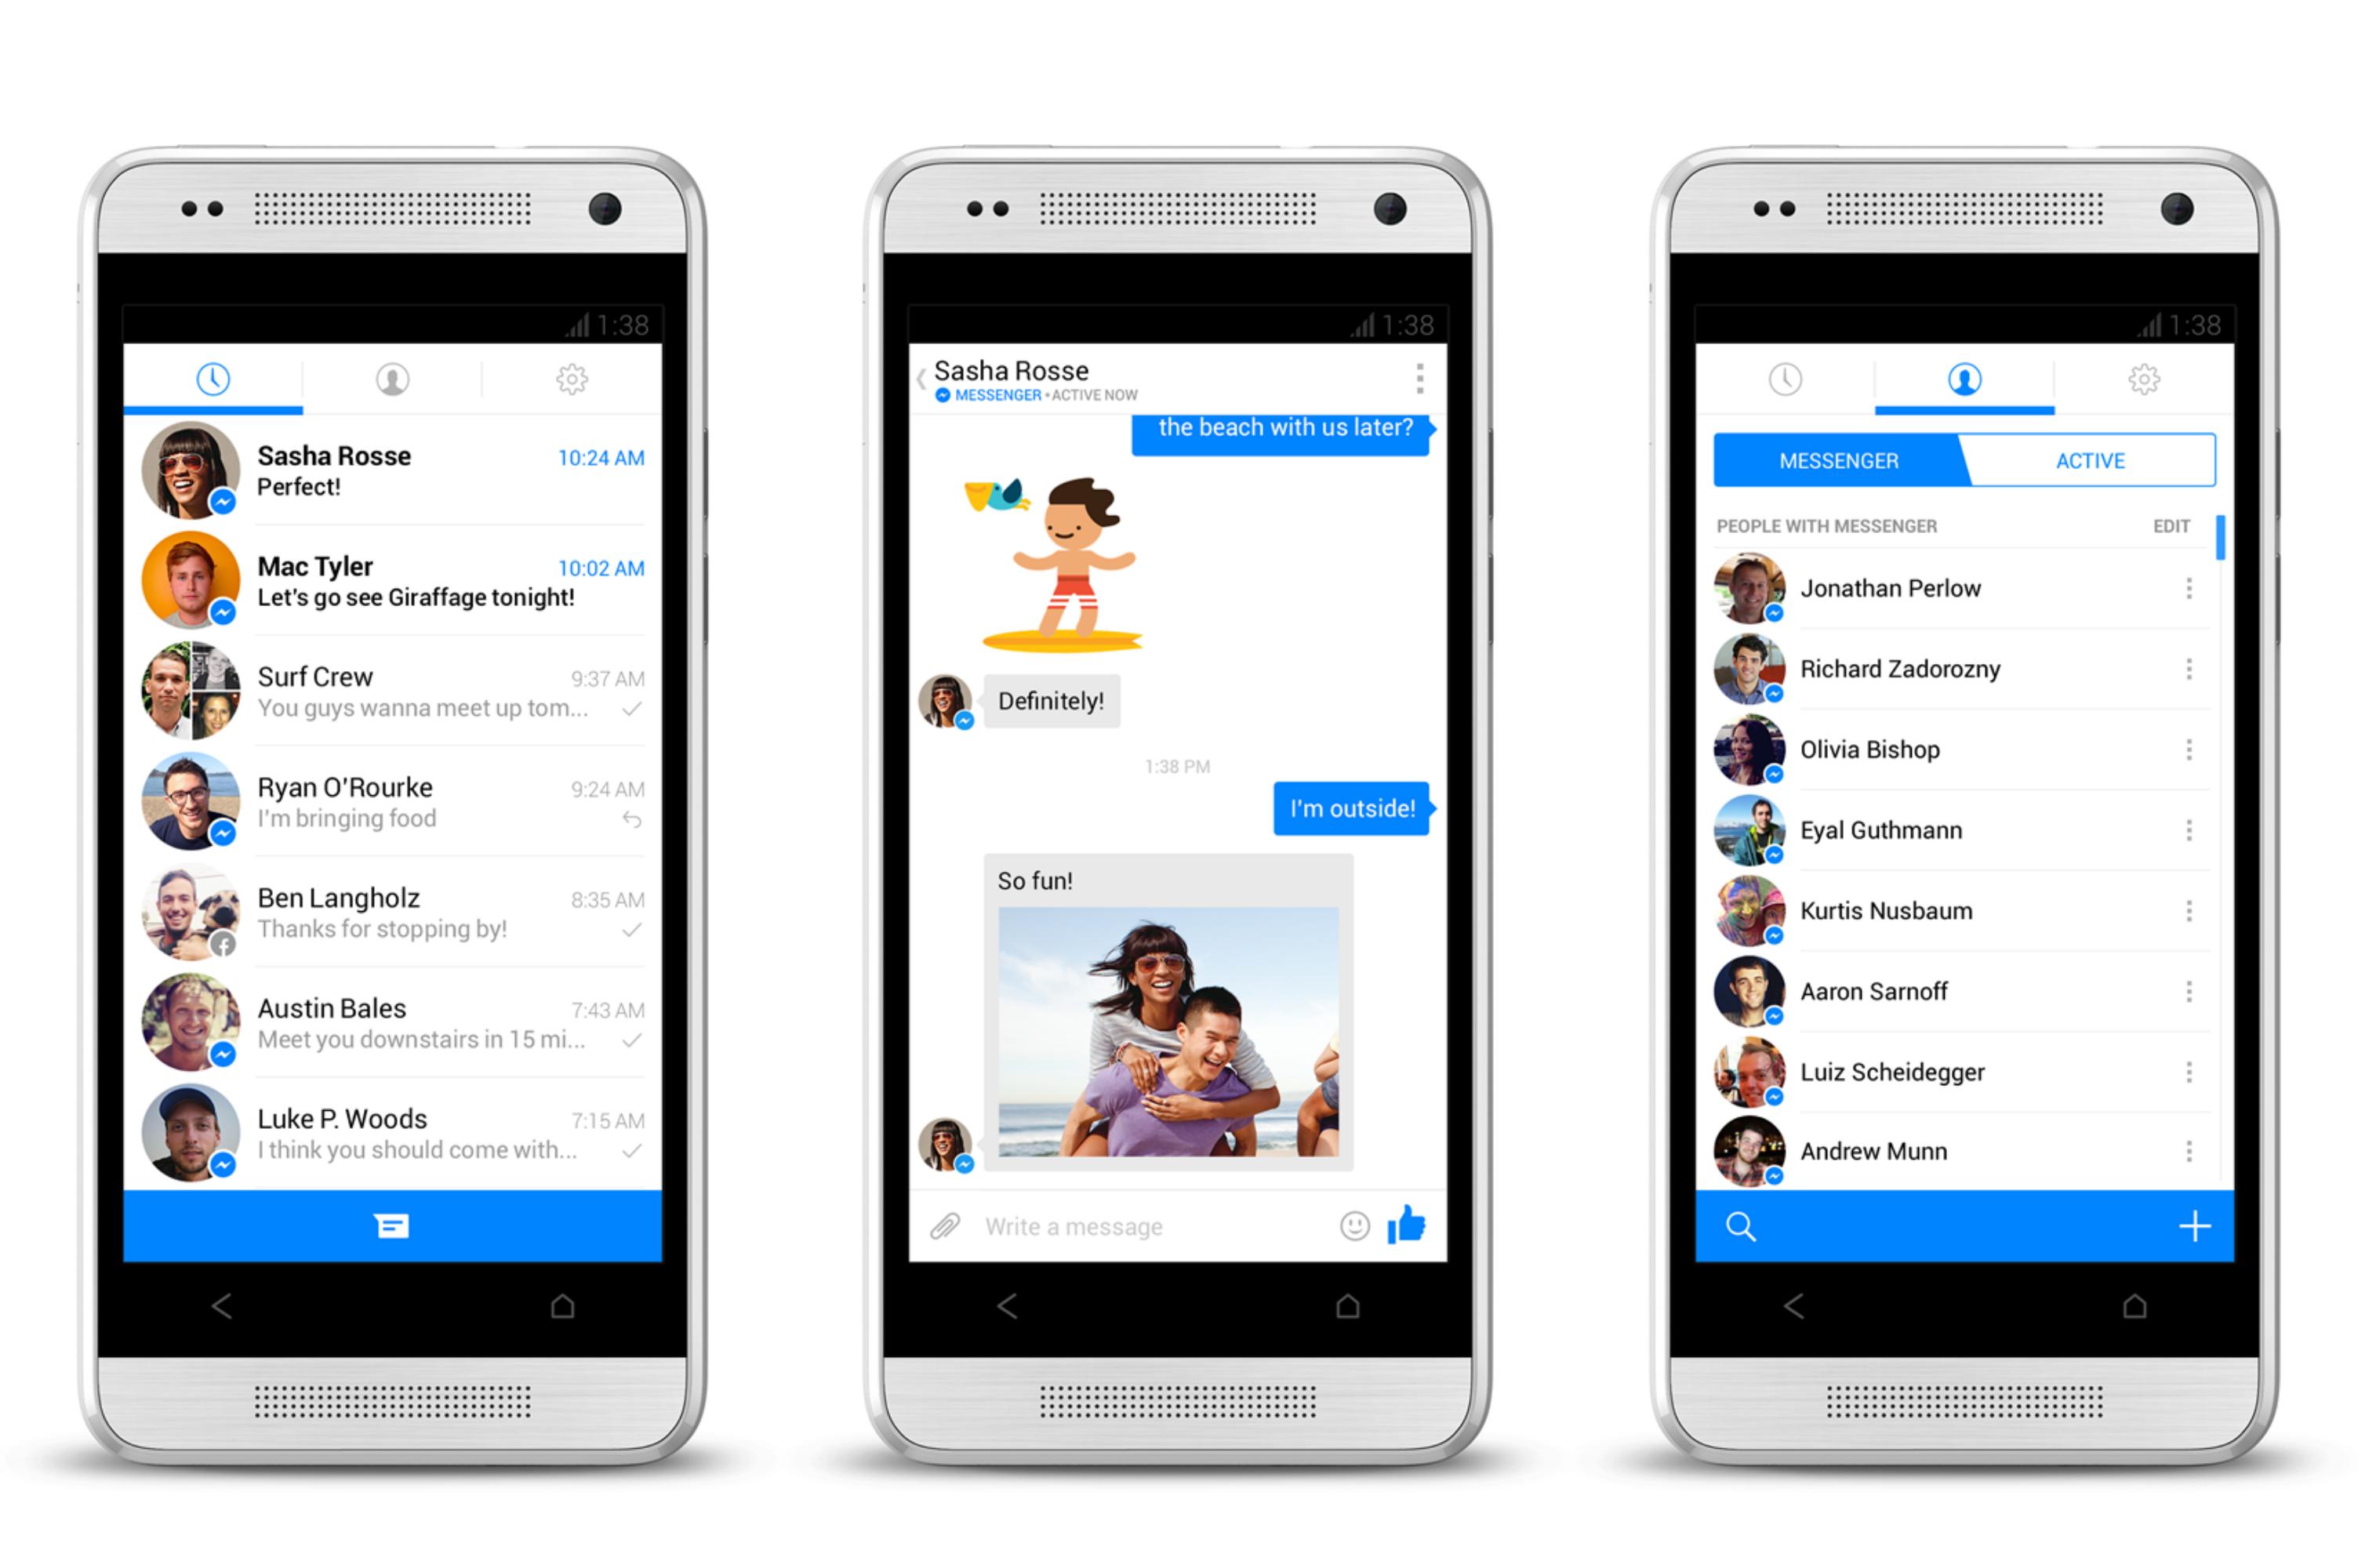 Facebook no carrega fotos no celular 40